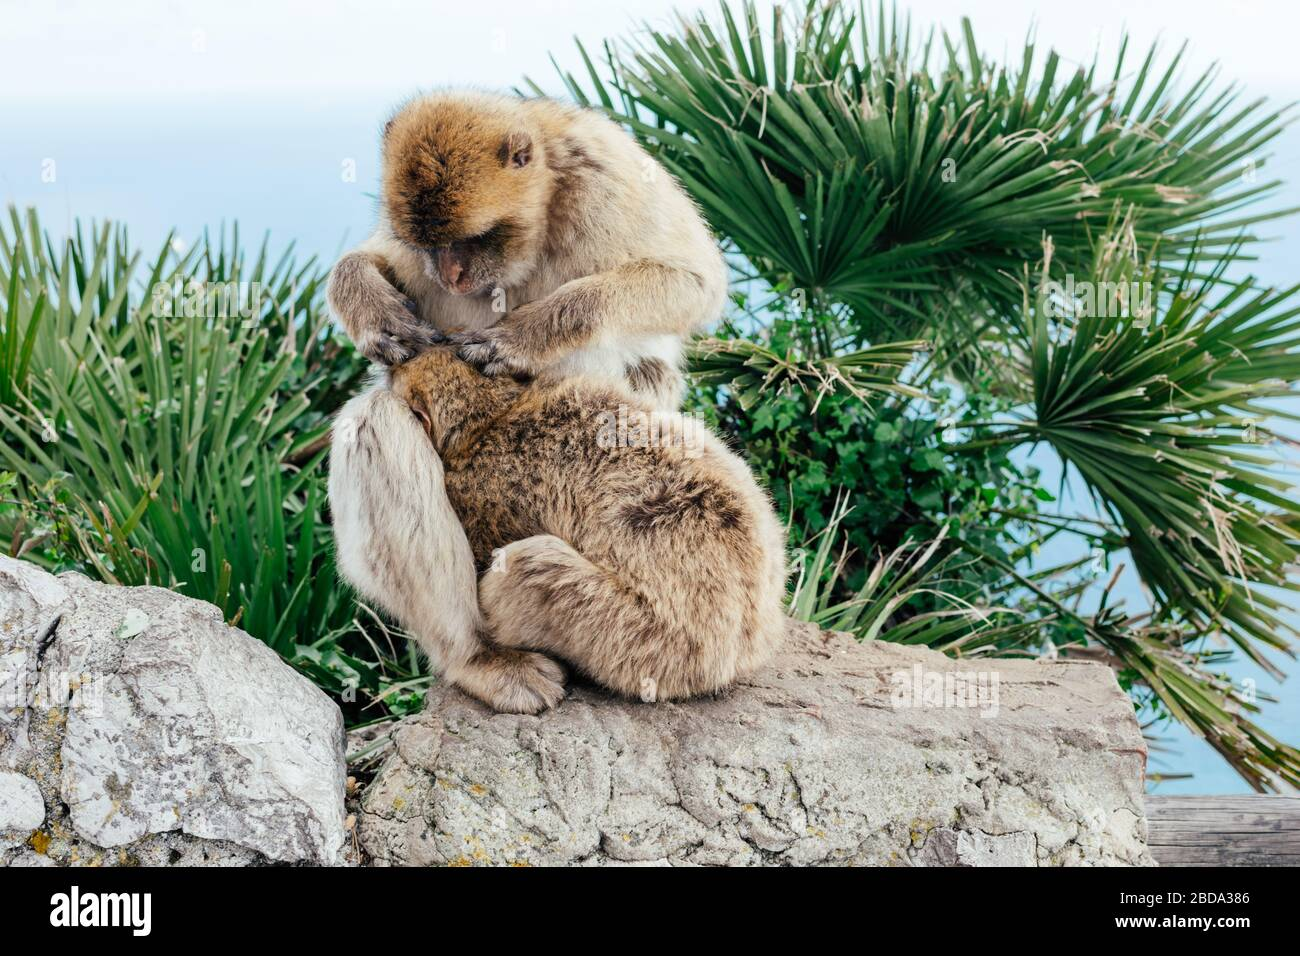 Vista de dos monos salvajes como macaque bárbaro que se arregla uno al otro en la cima de la Roca de Gibraltar. Colonia Británica Gibraltar. Foto de stock